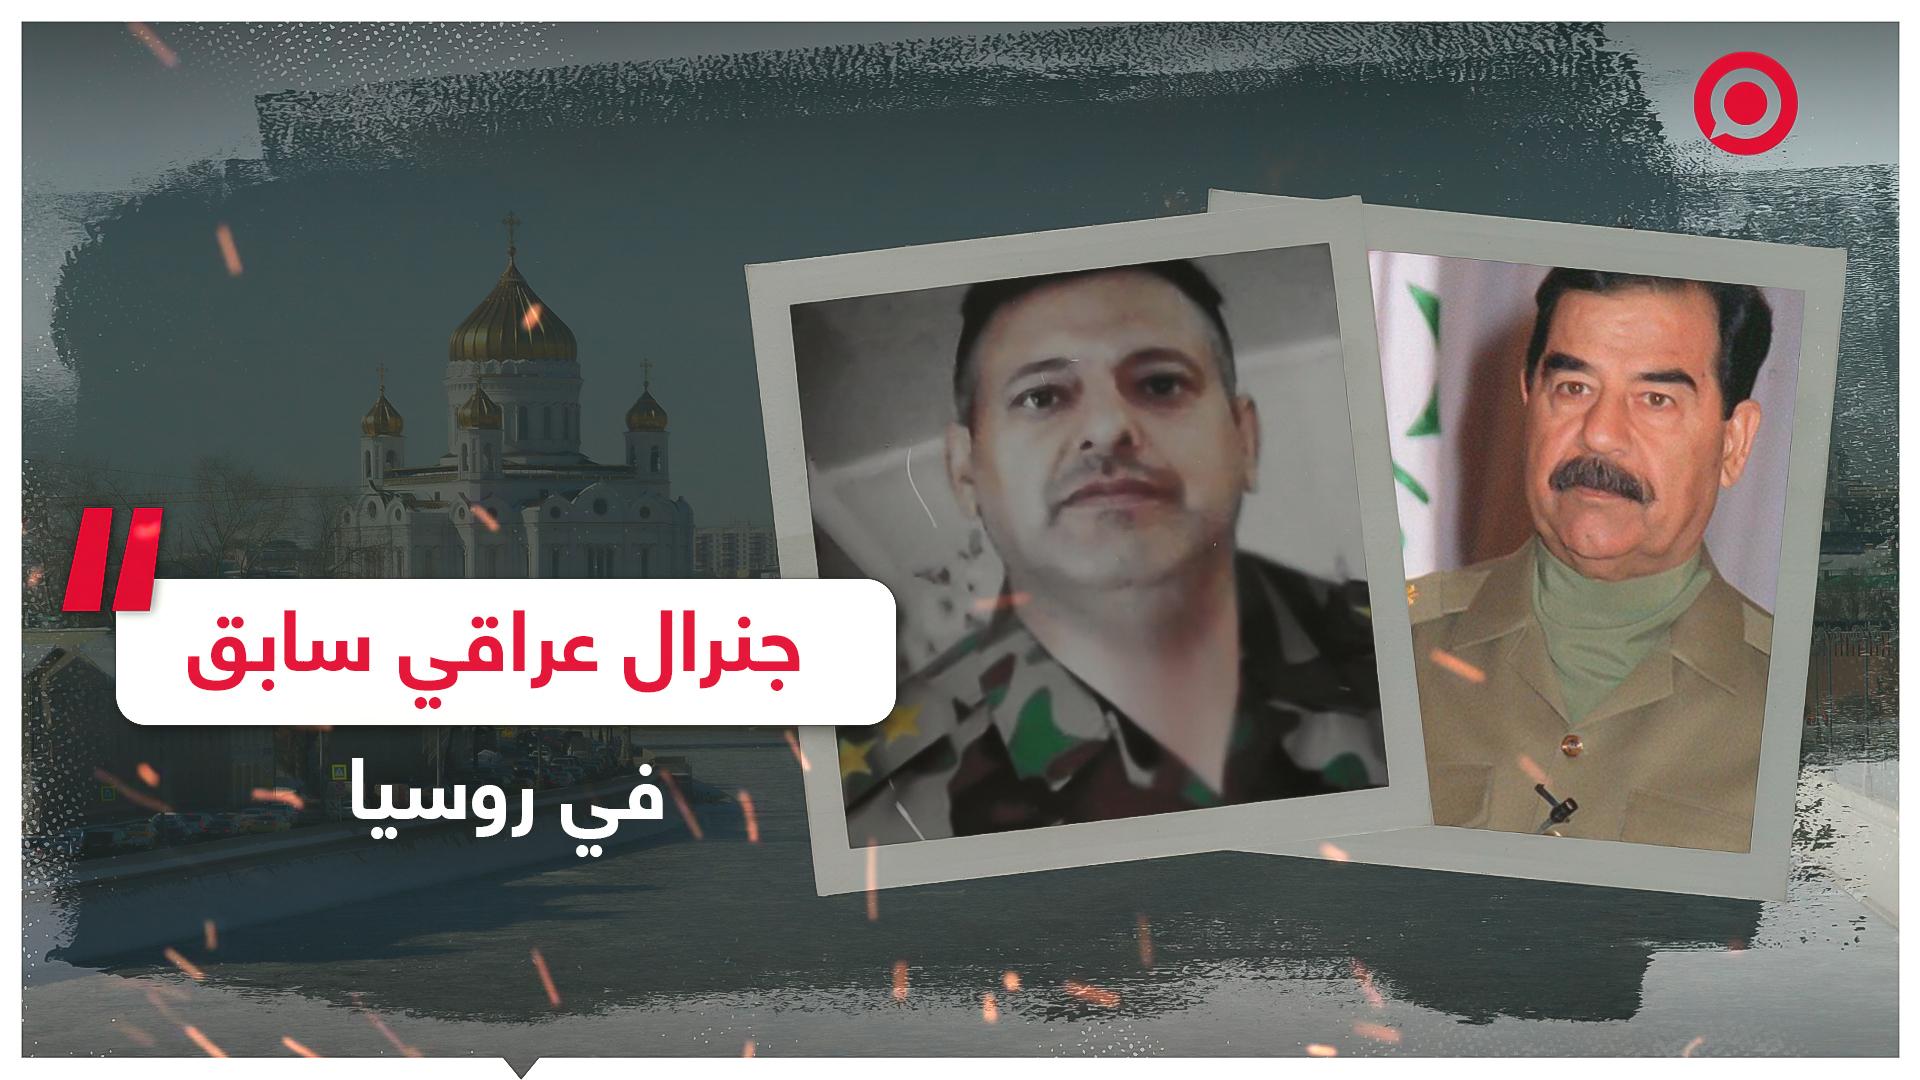 قصة جنرال عراقي سابق انتقل إلى روسيا من أجل